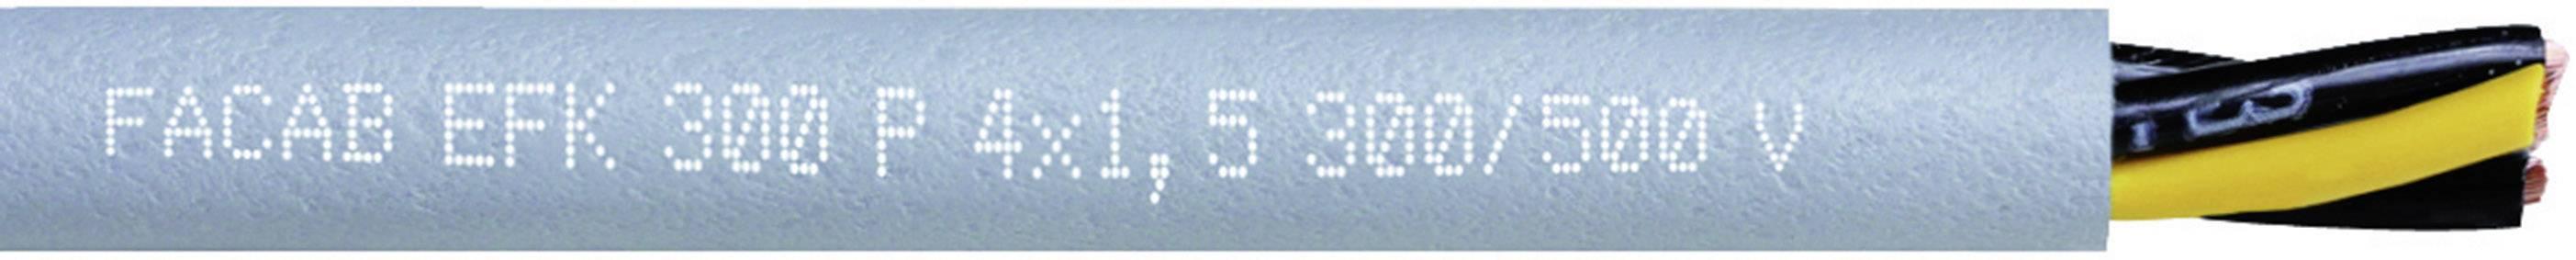 Tažný kabel Faber Kabel EFK 300 P AD300 - SCHLEPPLTG. TPE/PUR (031005), 4x 1 mm², polyurethan, Ø 6,8 mm, nestí